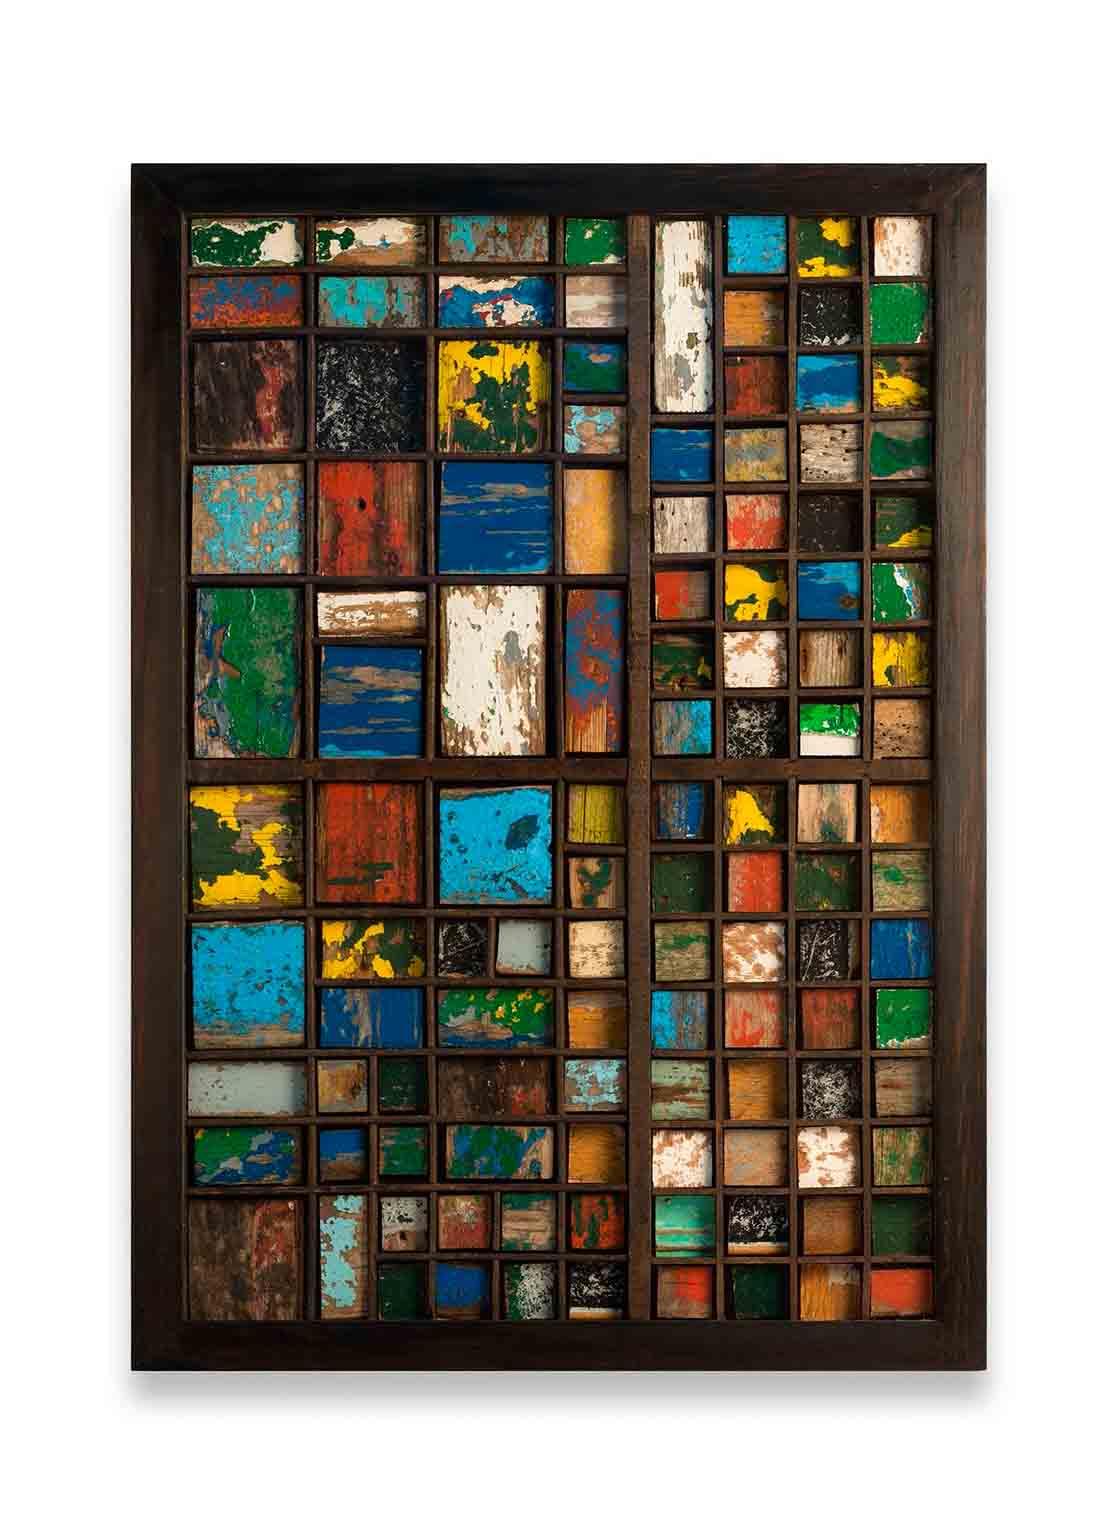 Archivo 3, 2013<br/>Instalación en madera / Wood installation